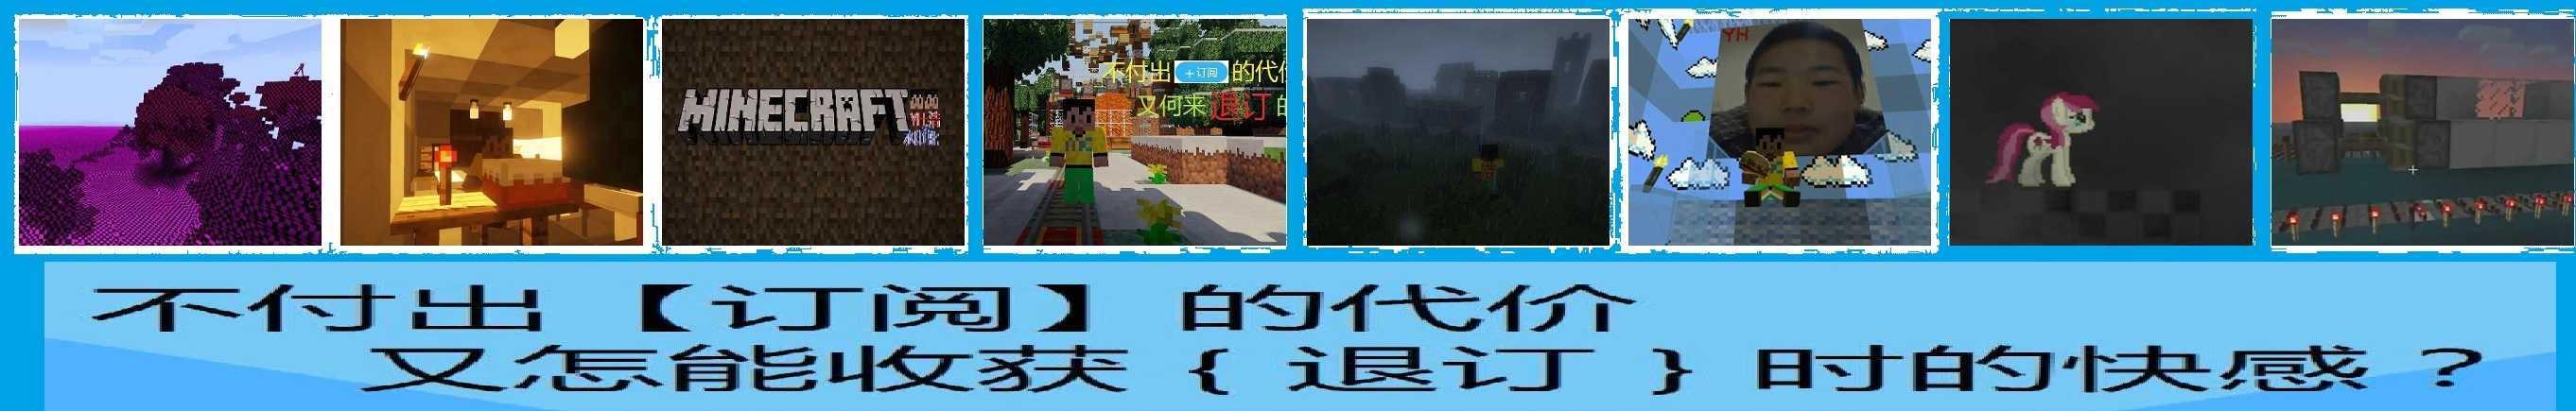 用户_475242 banner